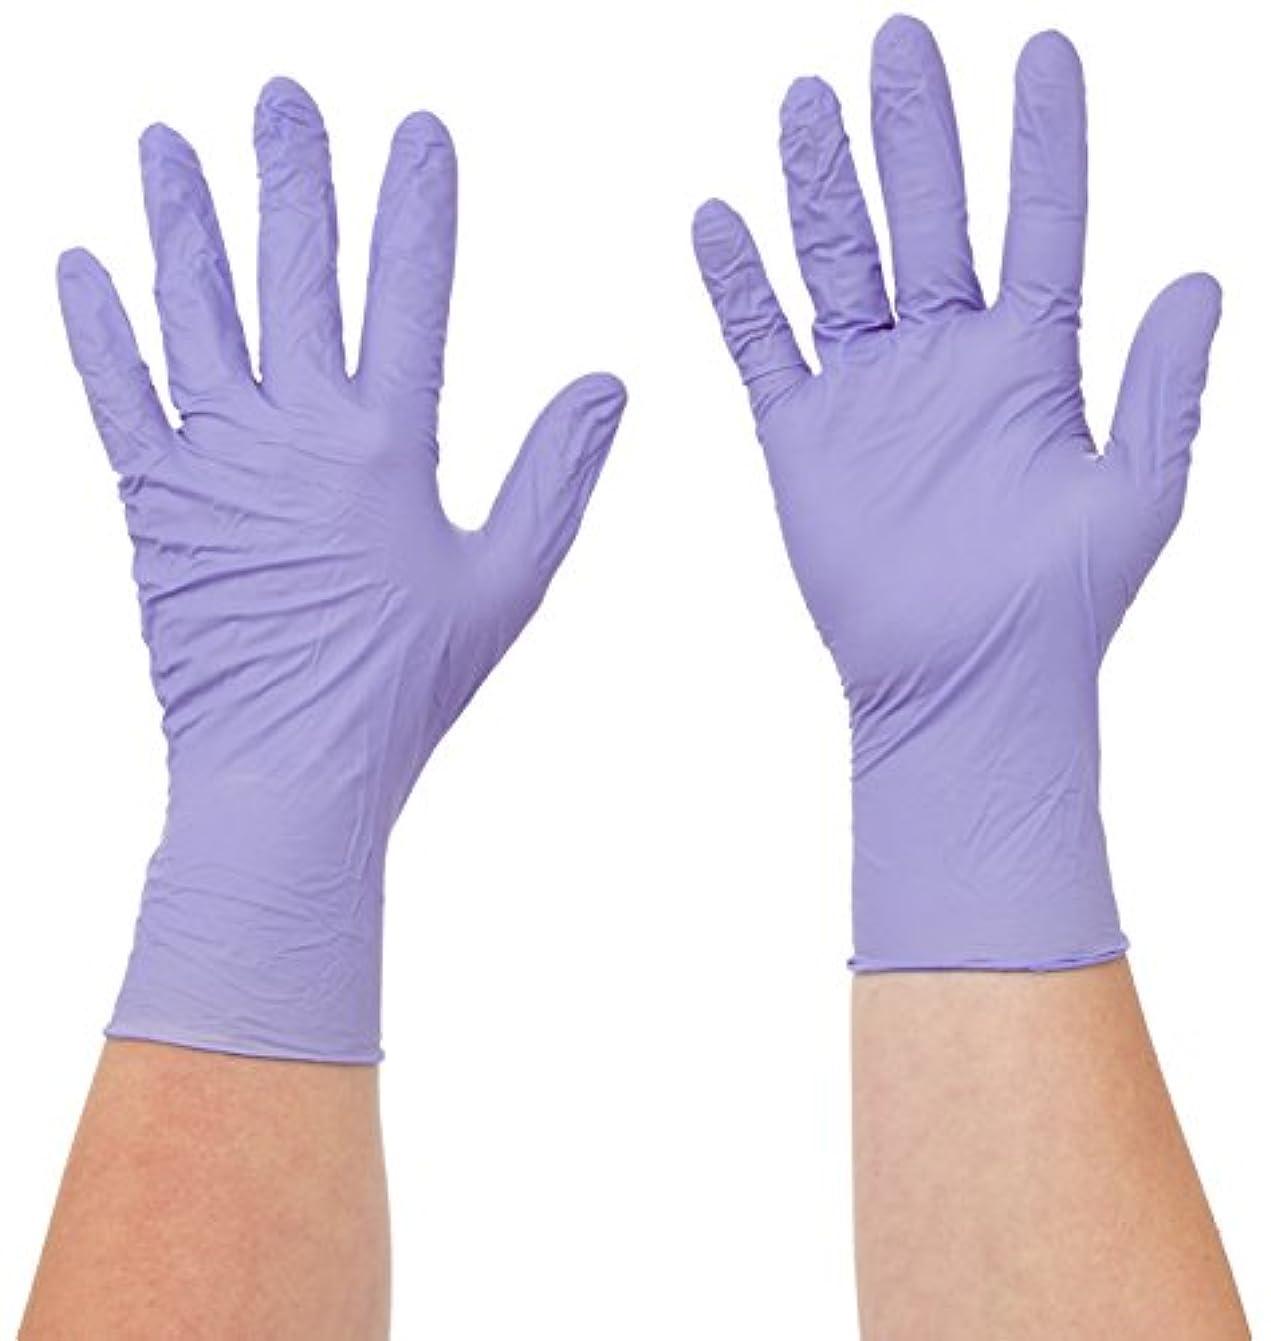 爆発急いで診断するSemperit 使い捨てニトリル手袋 Xtra Lite 0.14mm 粉無(入数:180枚) 3000001621